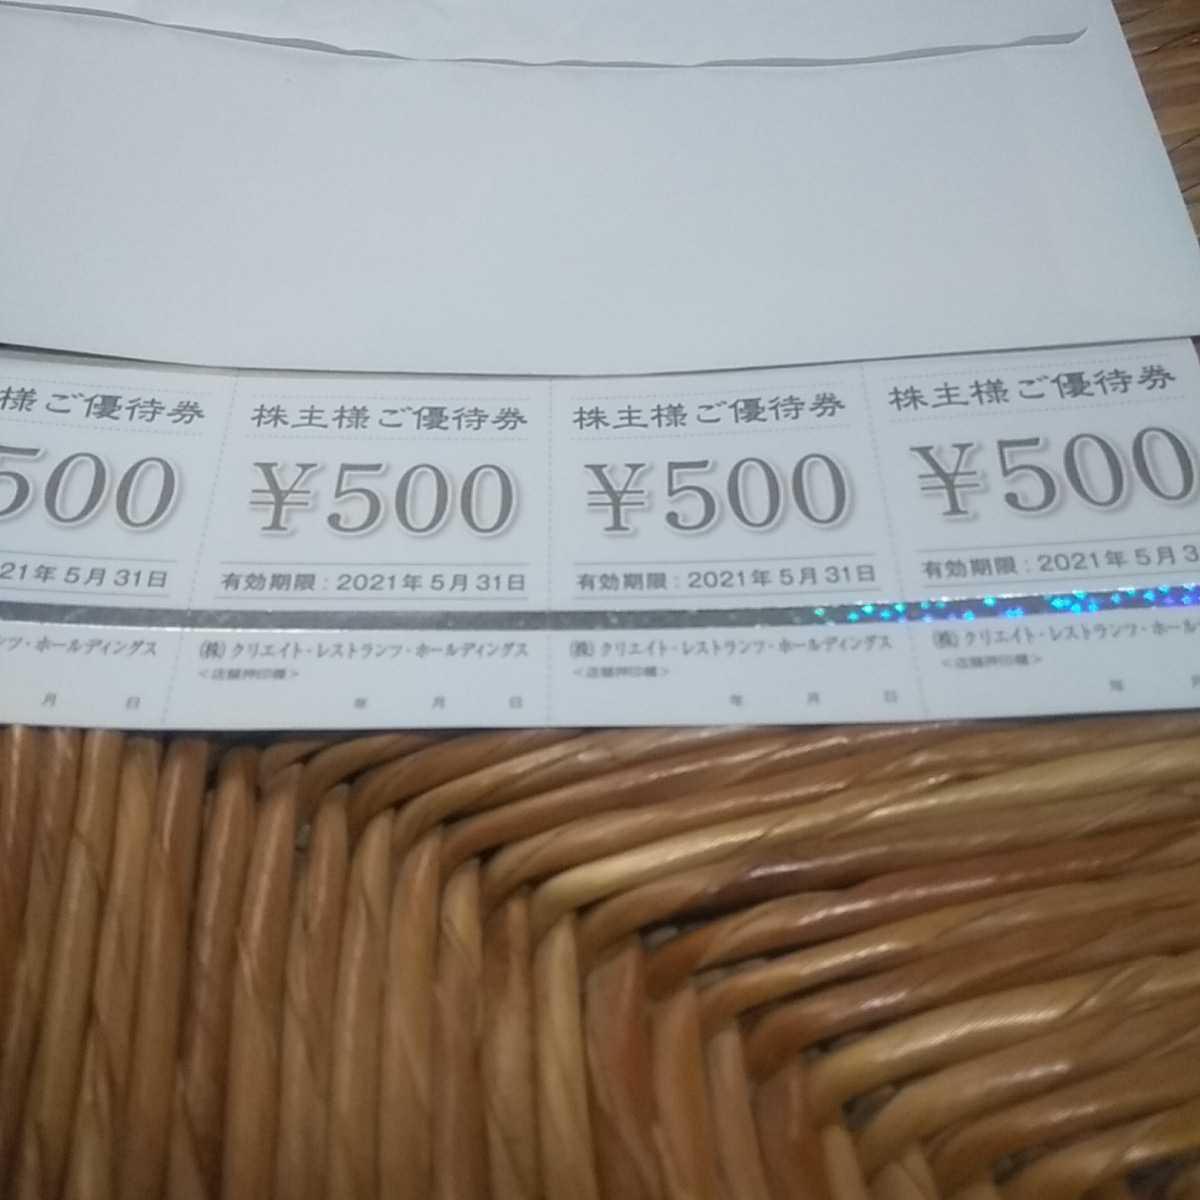 クリエイト・レストランツ・ホールディングス株主優待券2000円分*磯丸水産*8月31日まで有効_画像2